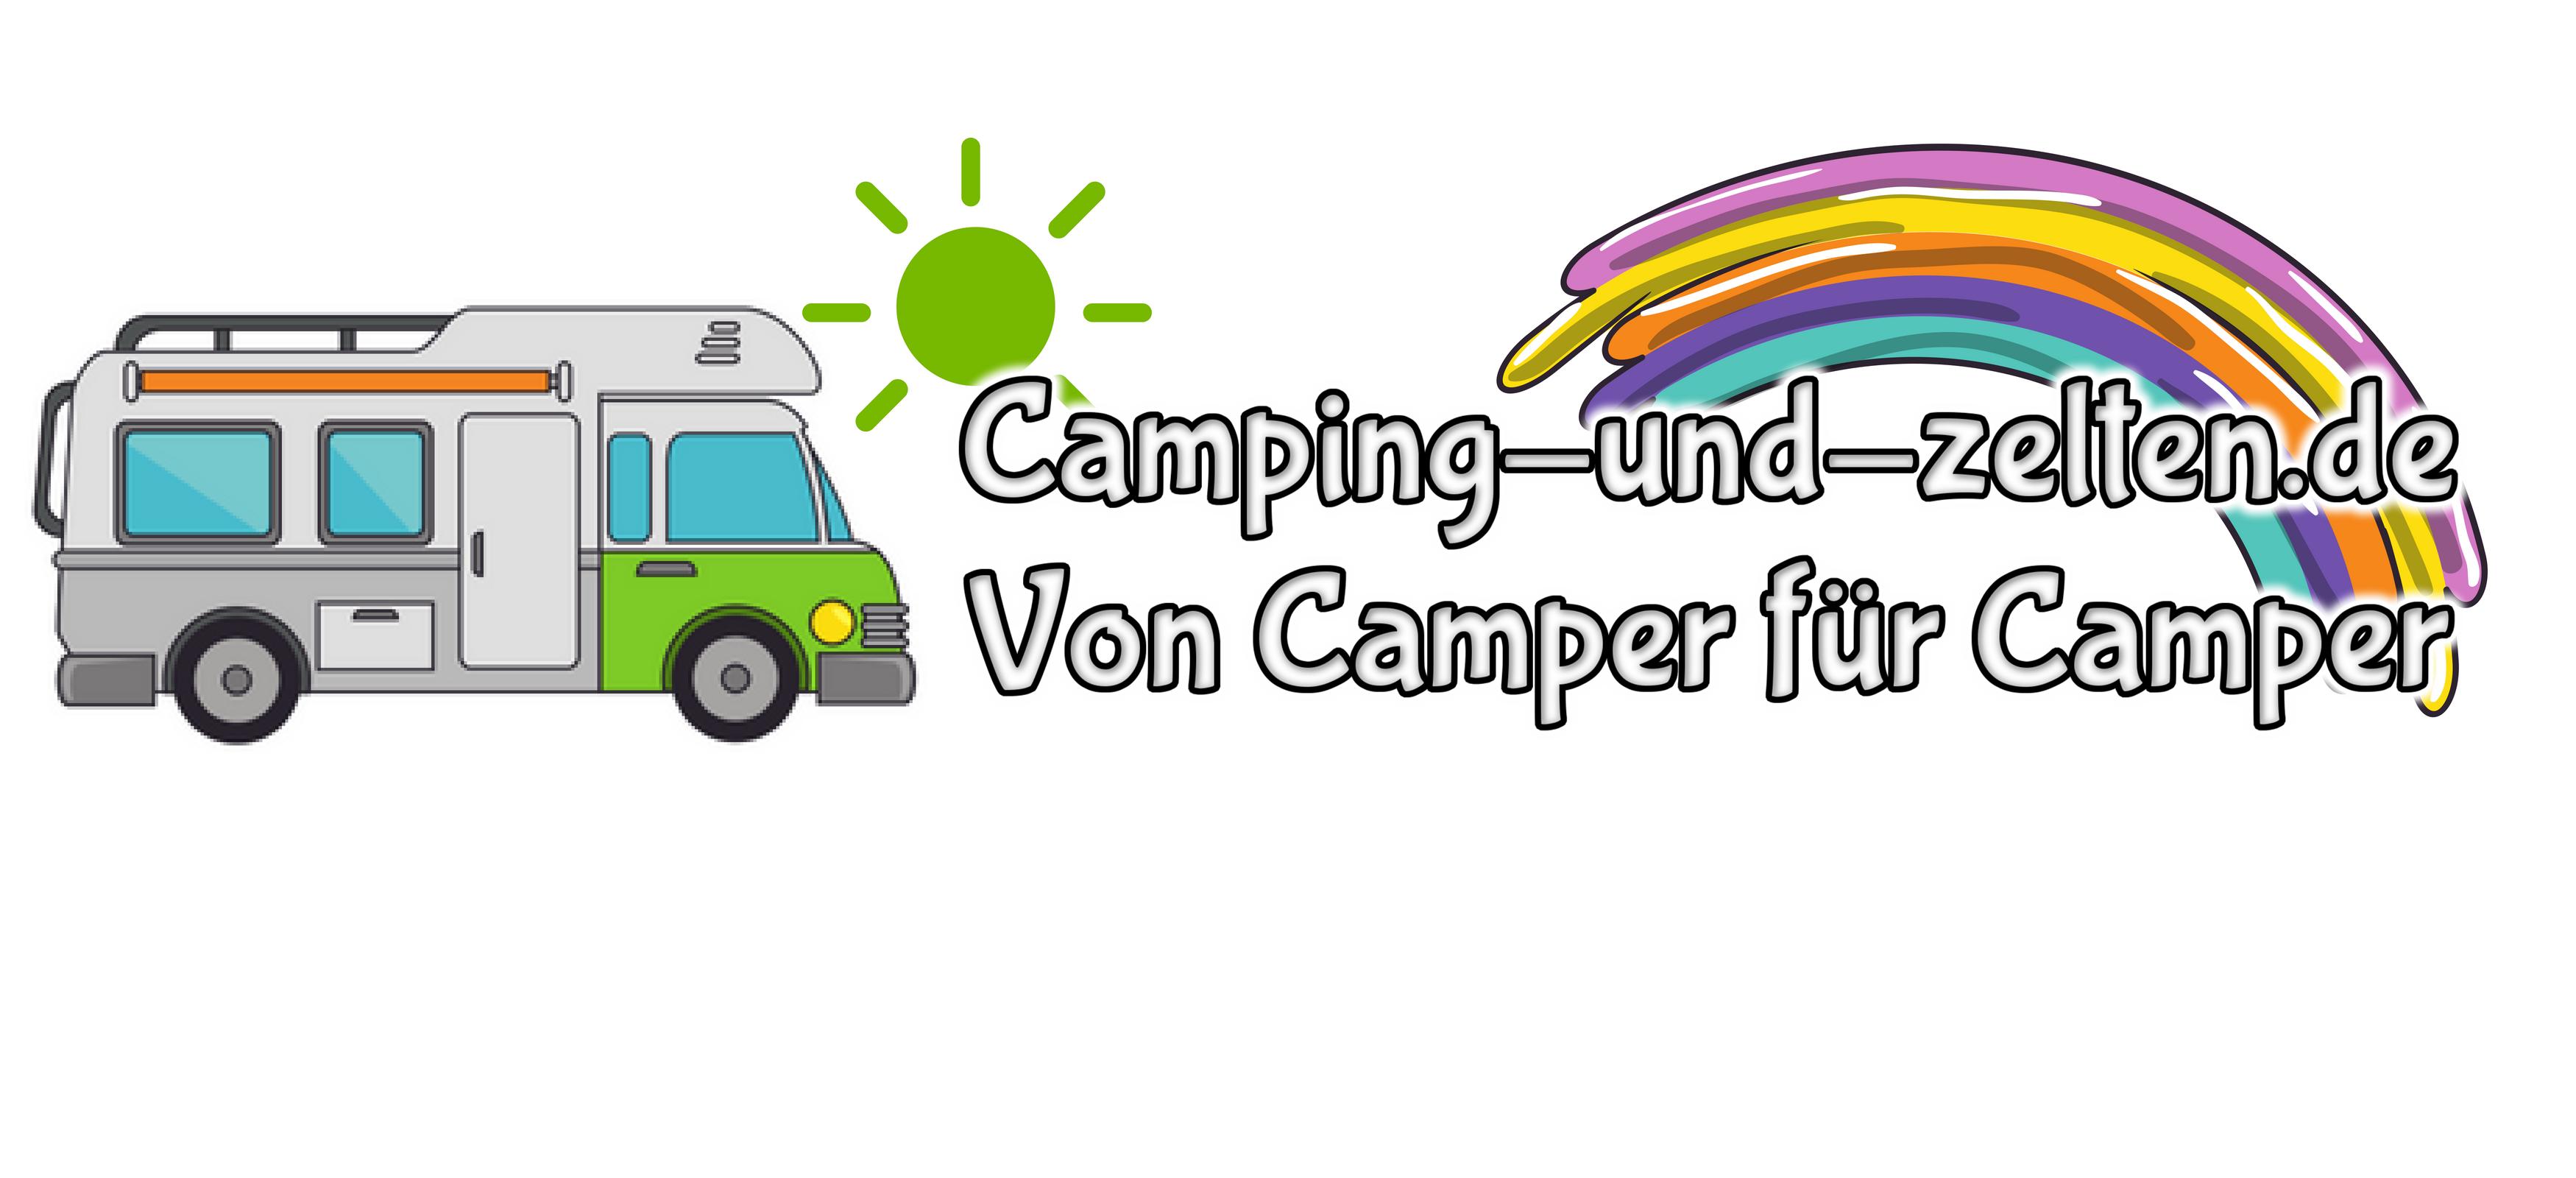 Camping und Zelten